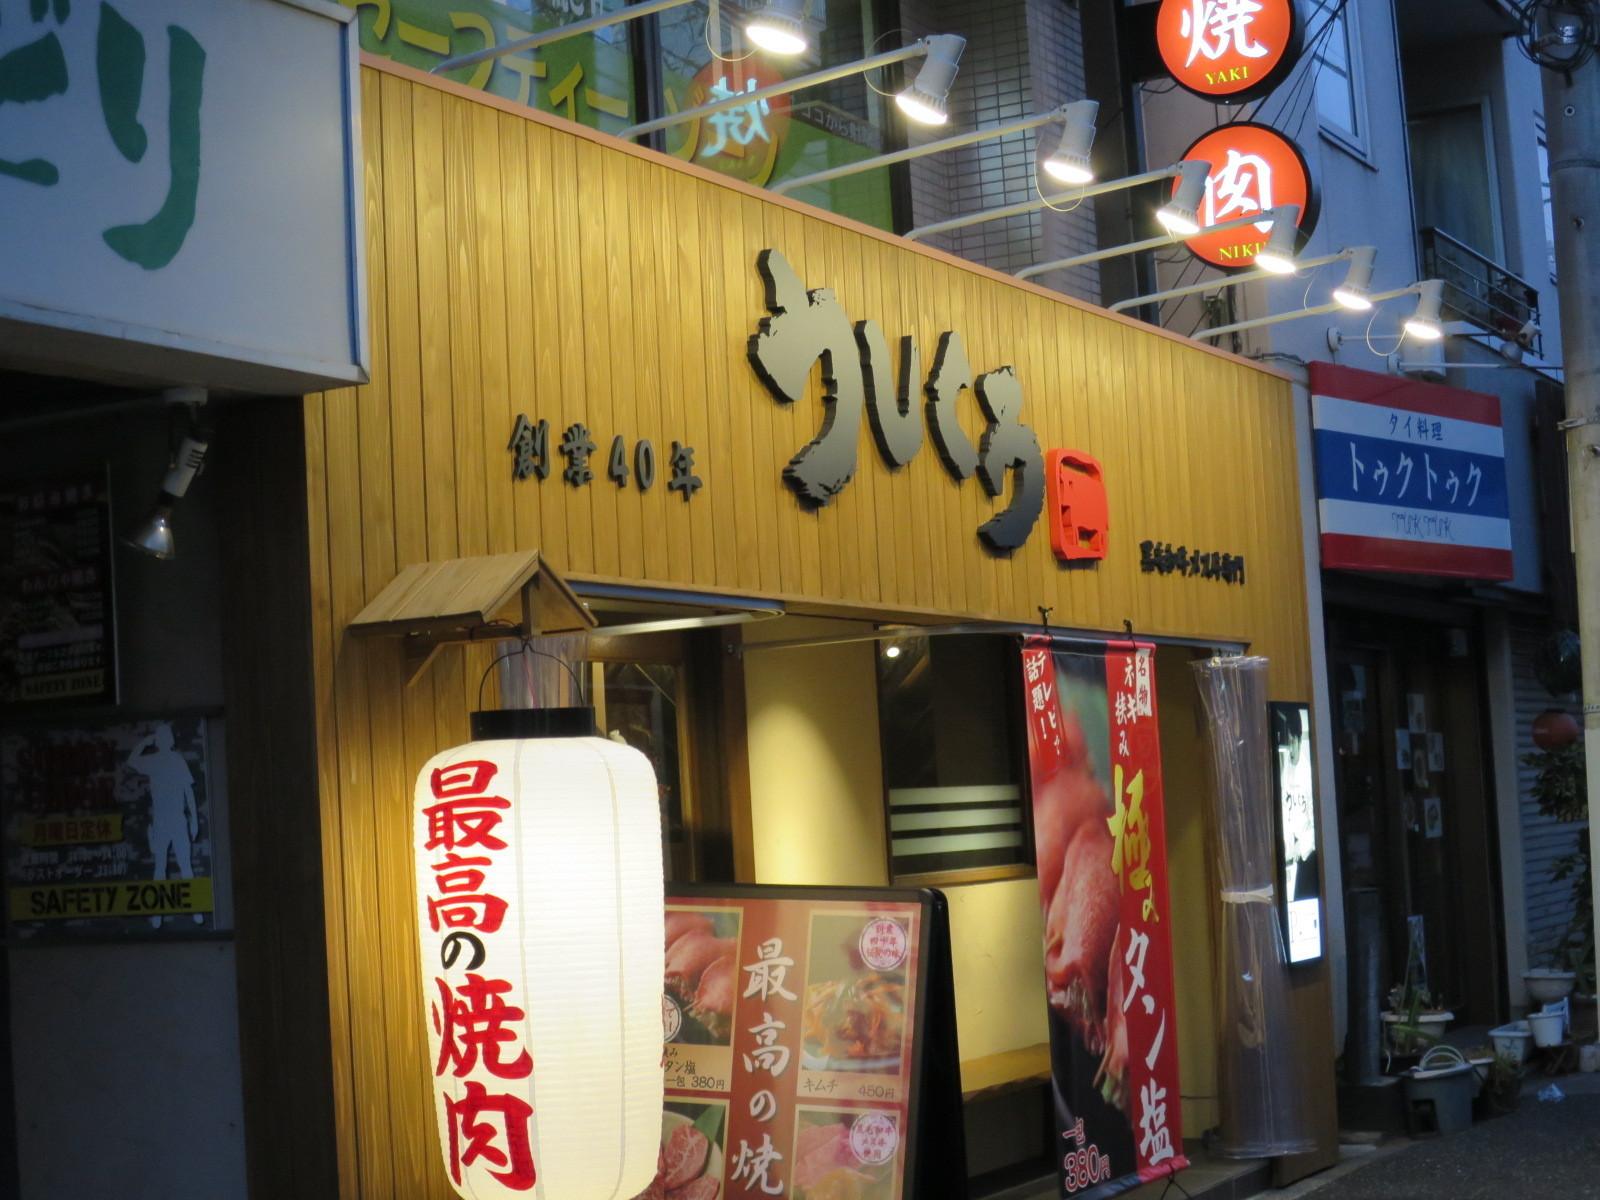 黒毛和牛焼肉 うしくろ 瑞江駅前店